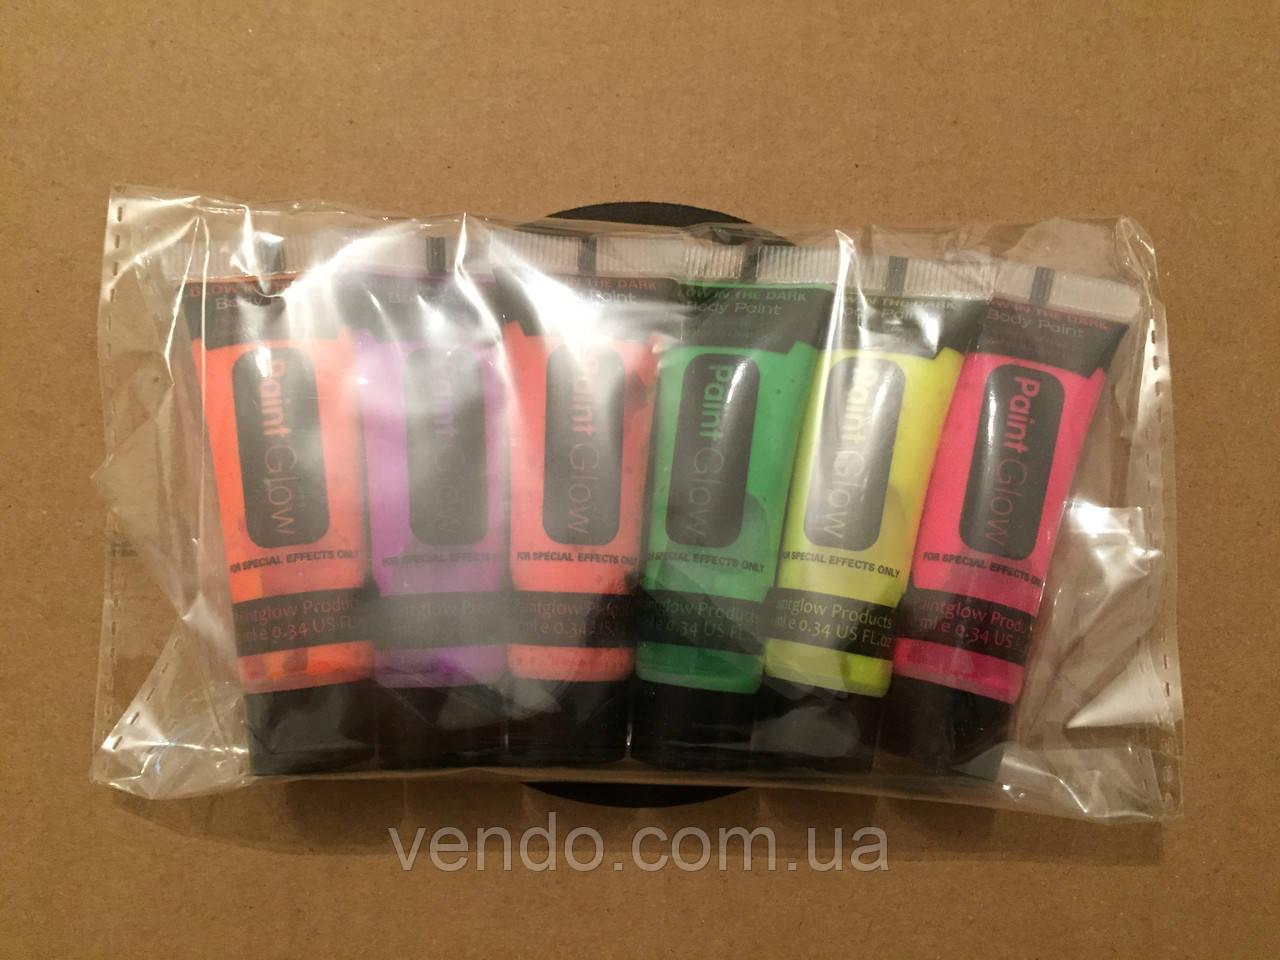 Набор красок для грима в тюбиках флуоресцентная 10 мл / 6 цветов.